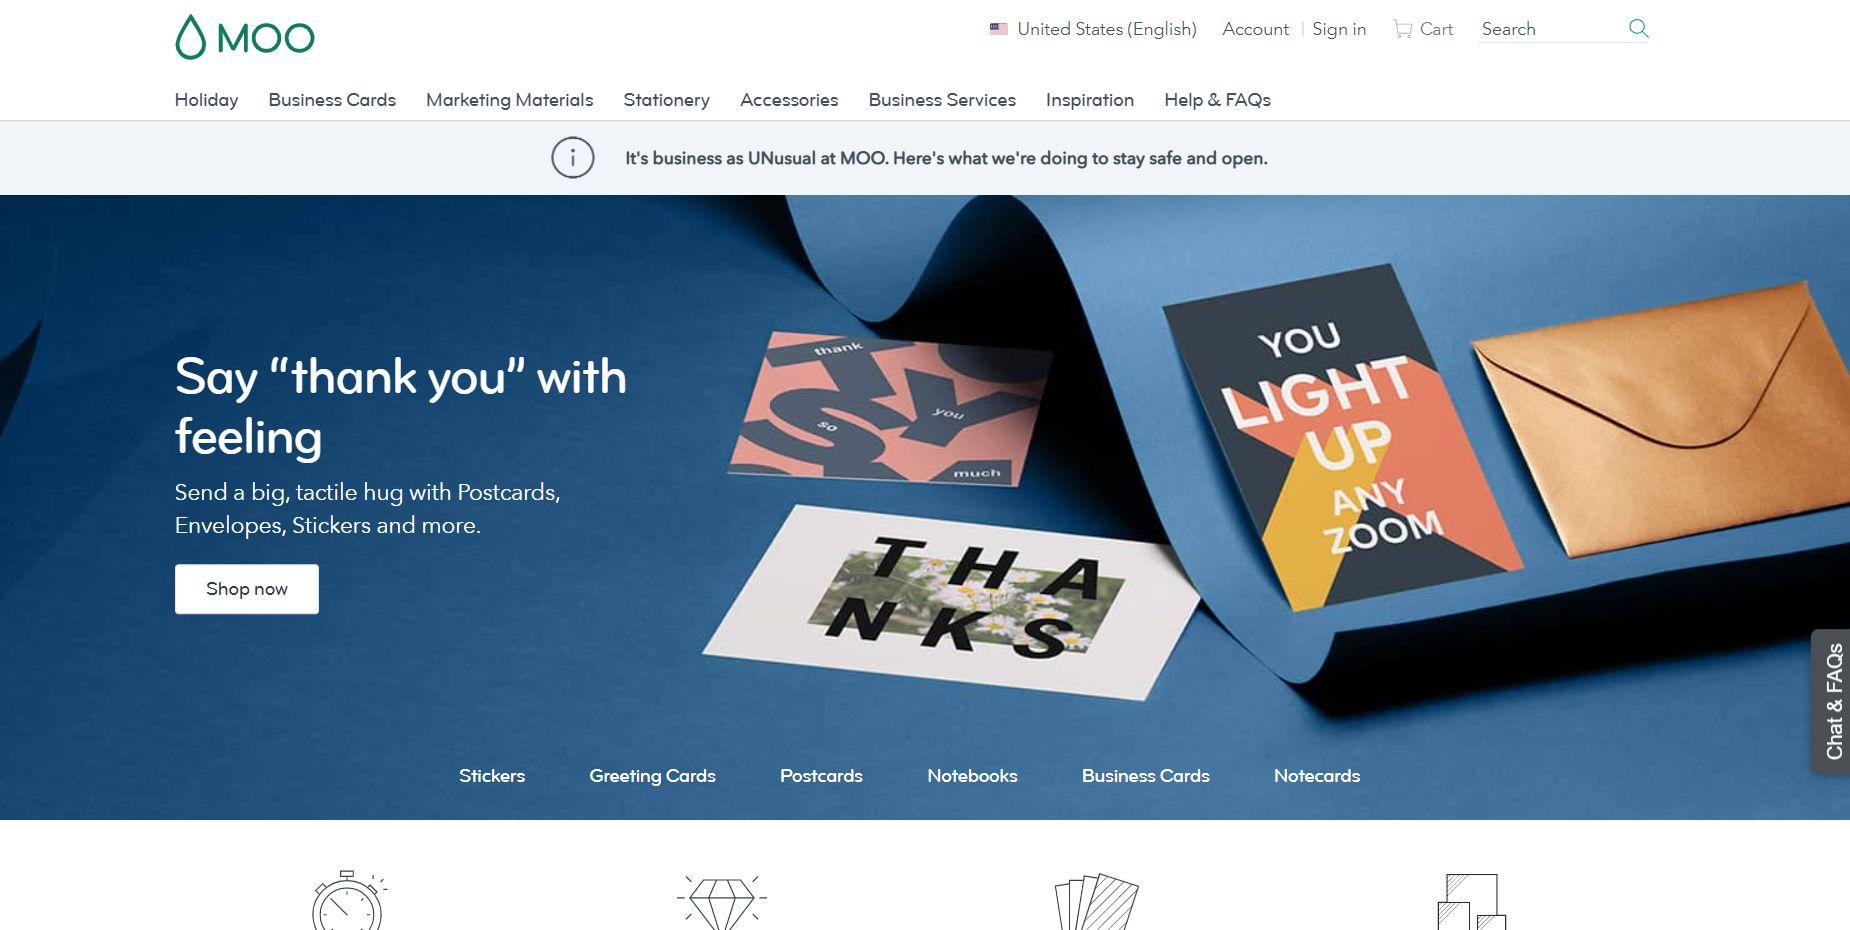 The Moo homepage